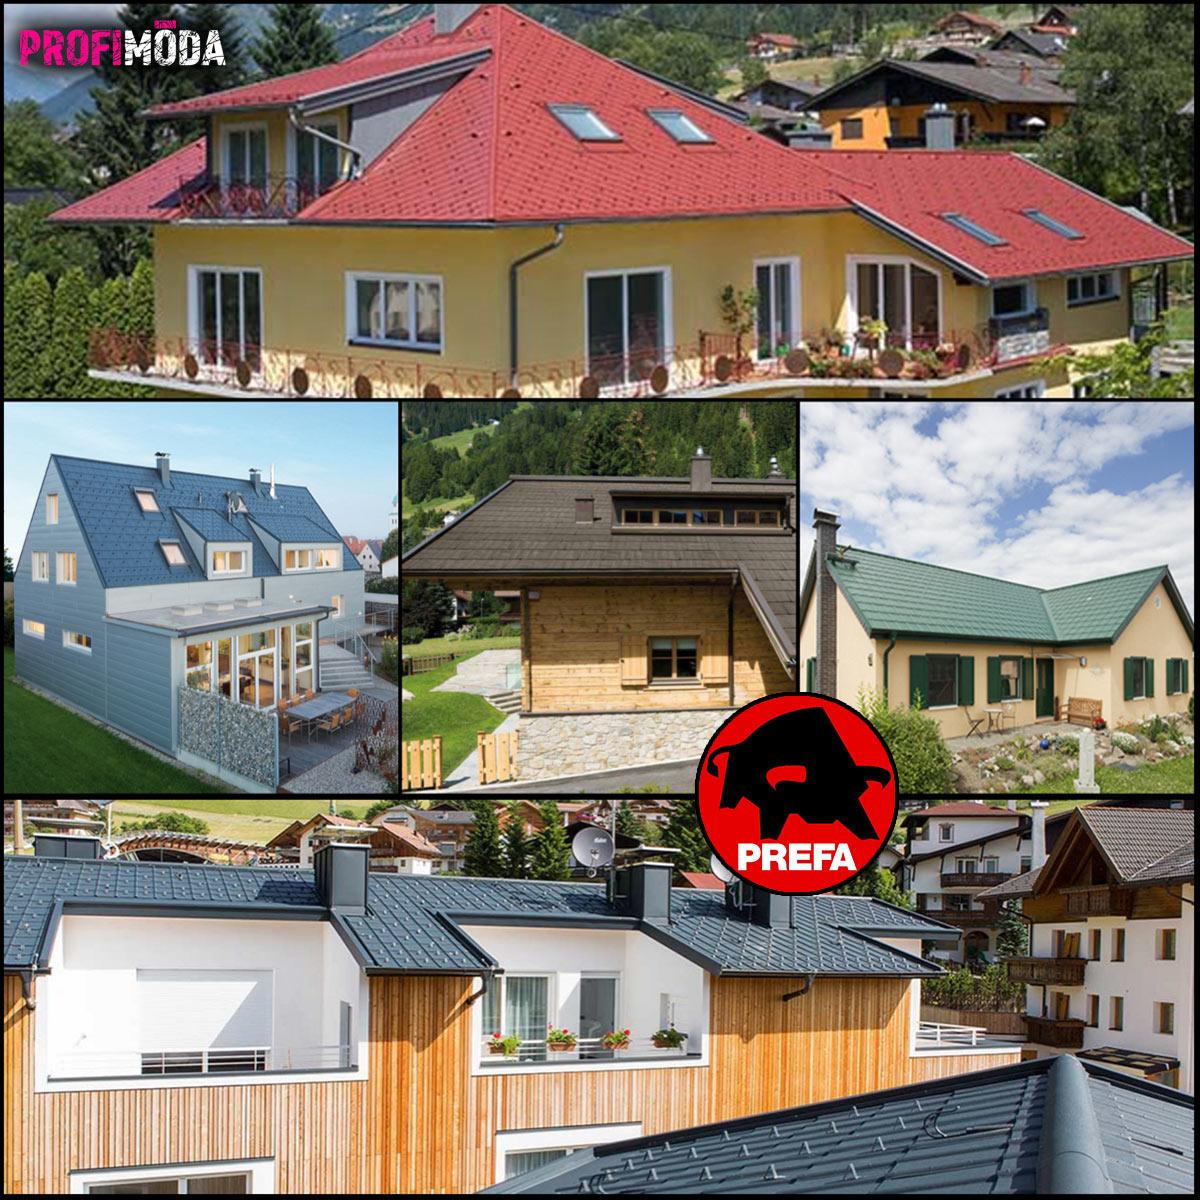 Neexistuje správná odpověď na otázku, jaká je nejlepší barva pro střechu. Proto se nebojte trochu odvázat – i když s úctou k okolí.